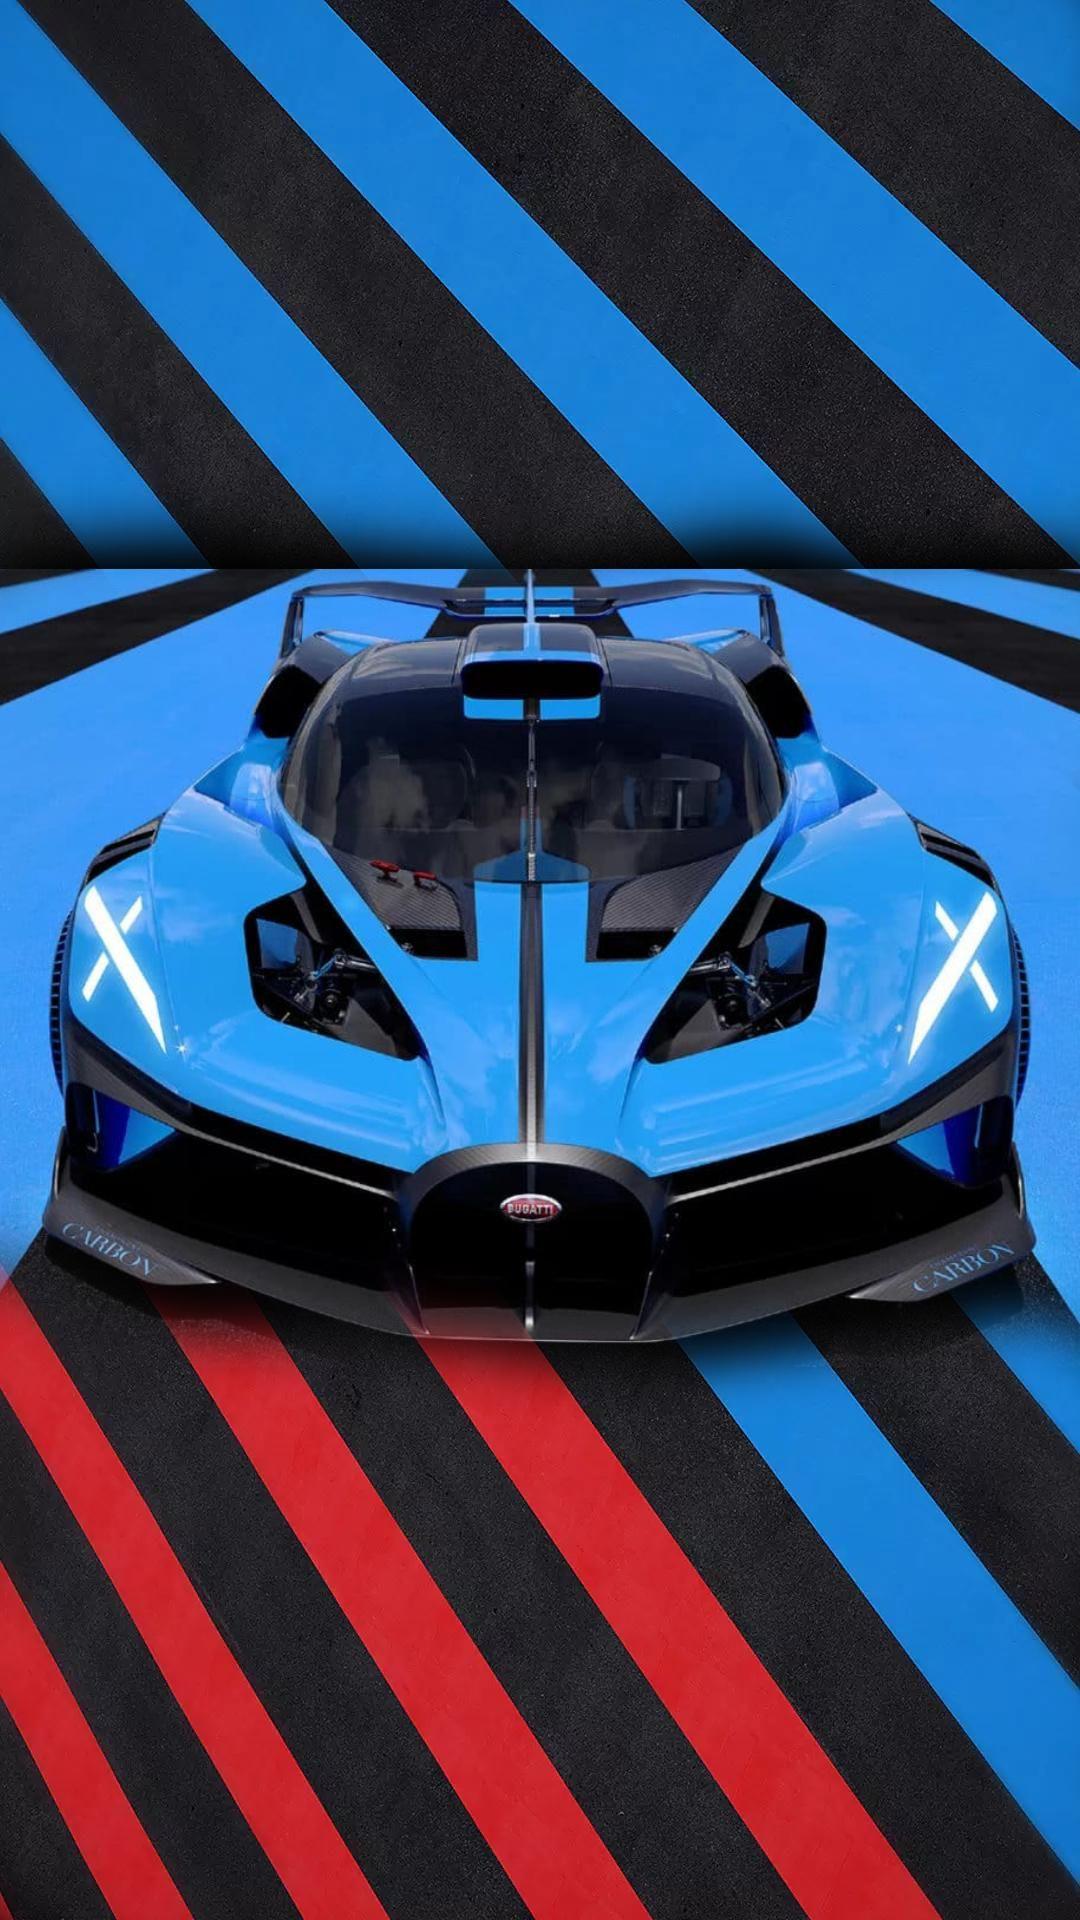 Bugatti Bolide Mobile Wallpaper Bugatti Bolide Sports Cars Luxury Super Car Bugatti